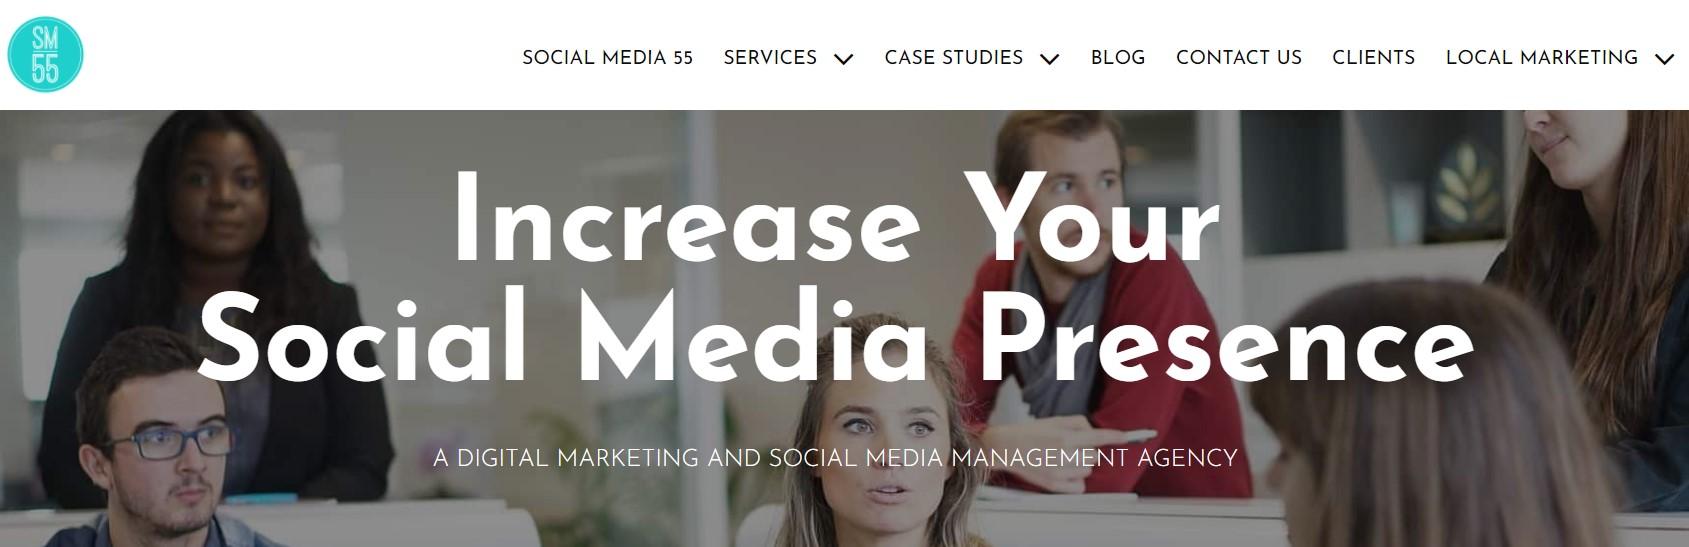 sm-55-top-digital-marketing-agencies